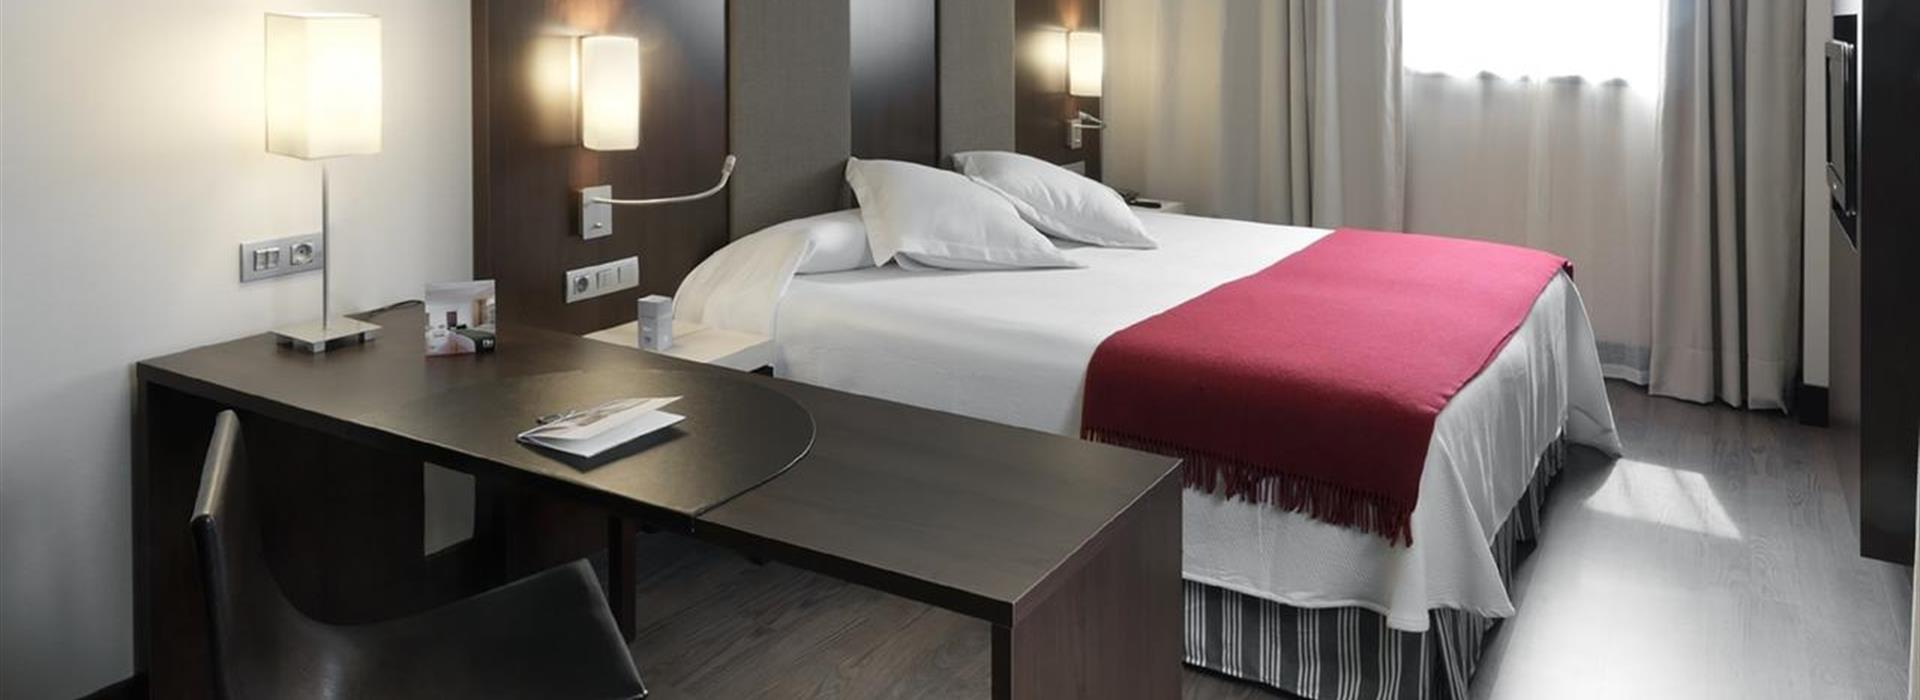 hotel-nh-campo-de-gibraltar